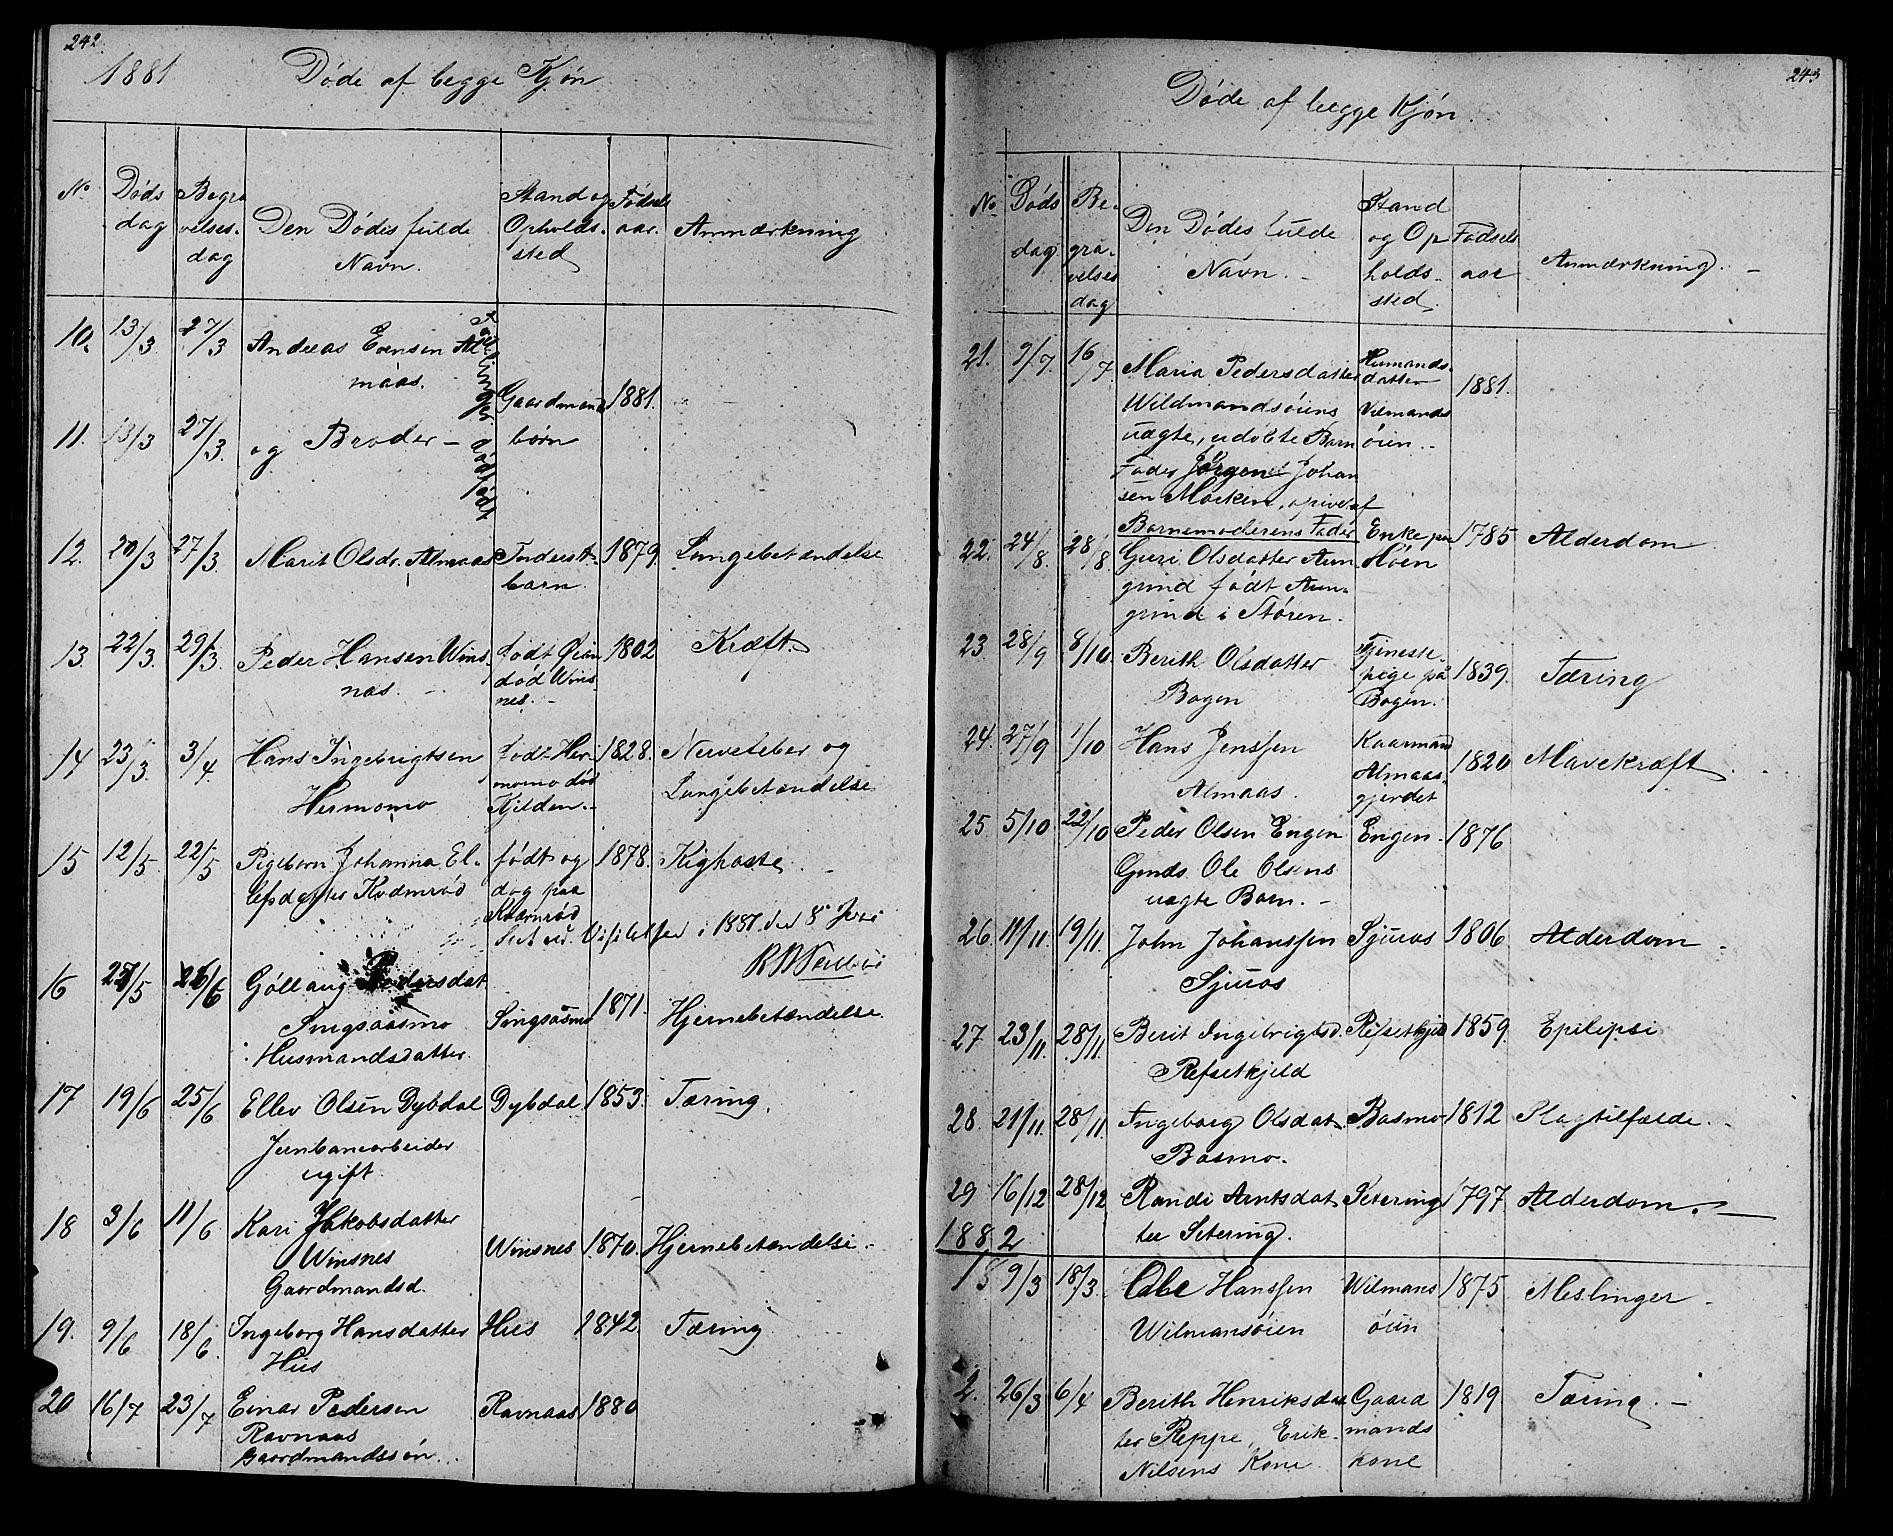 SAT, Ministerialprotokoller, klokkerbøker og fødselsregistre - Sør-Trøndelag, 688/L1027: Klokkerbok nr. 688C02, 1861-1889, s. 242-243